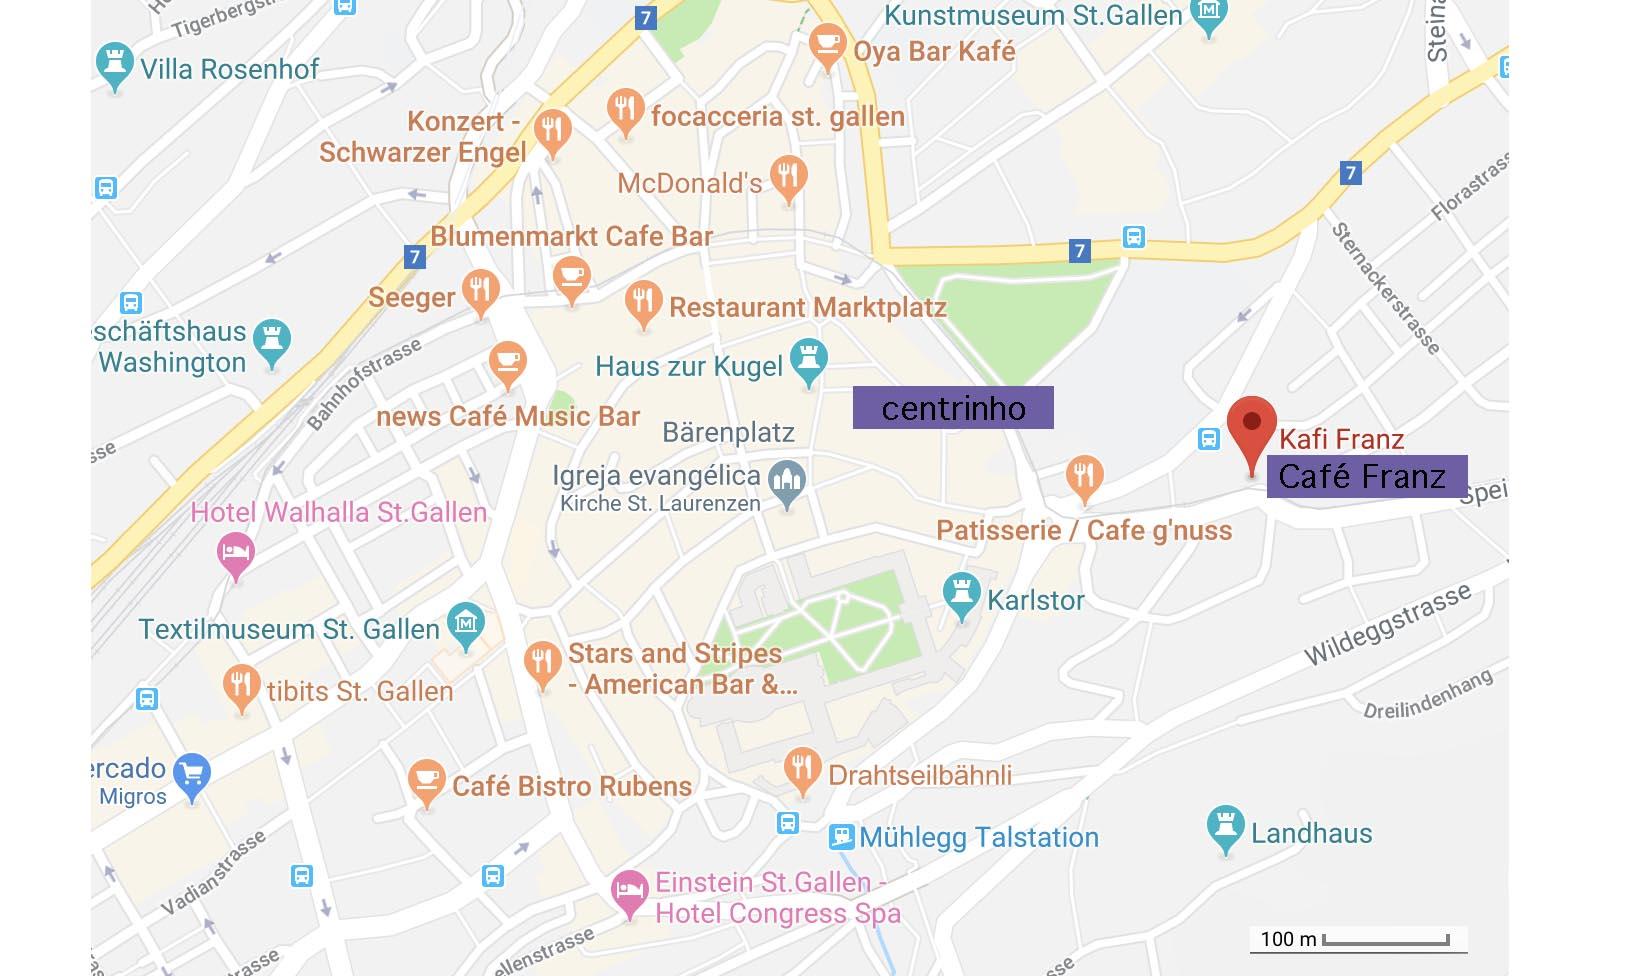 localização do cafe Franz em st gallen, suíça